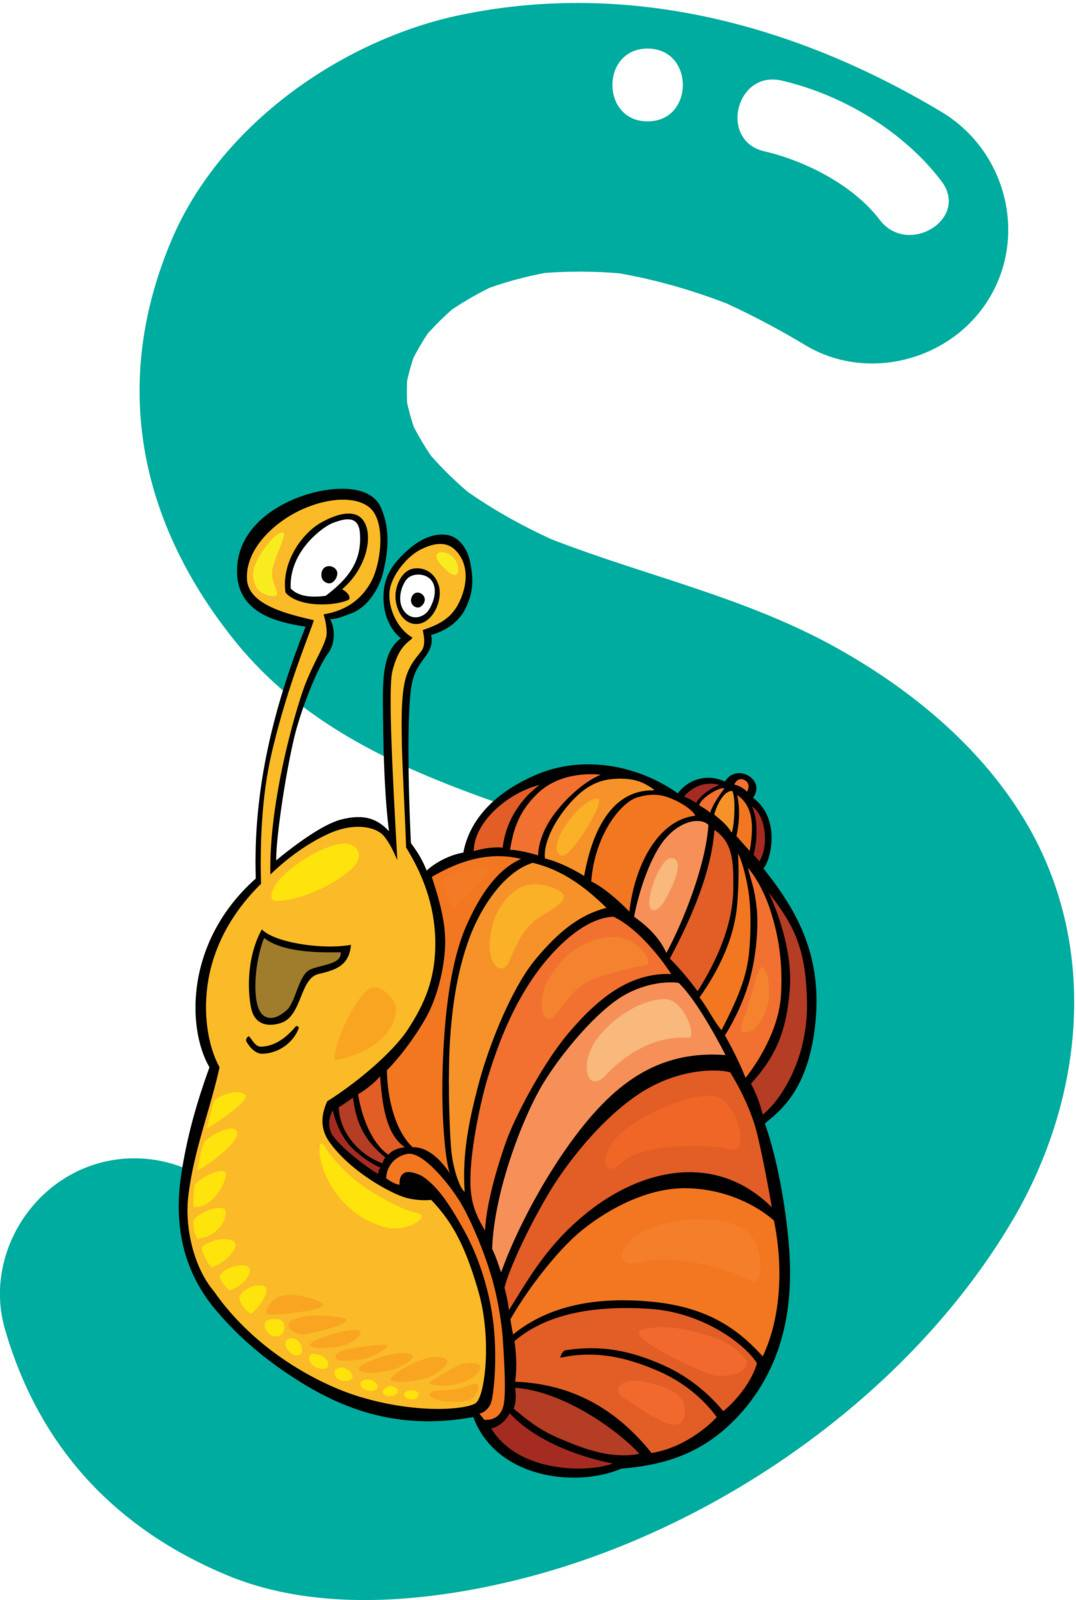 cartoon illustration of S letter for snail